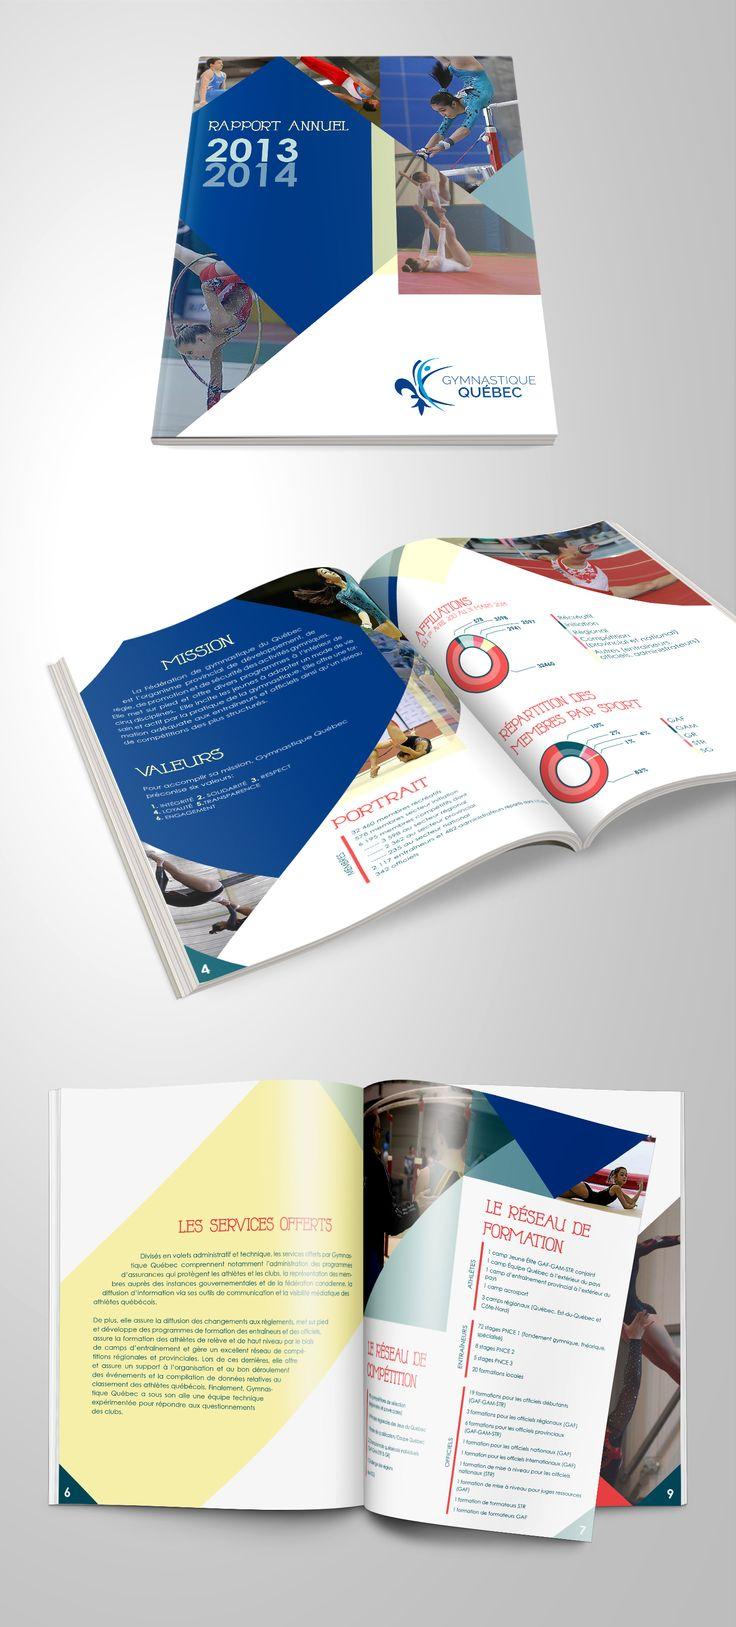 Mise en page pour le rapport annuel 2013-2014                                                                                                                                                      Plus